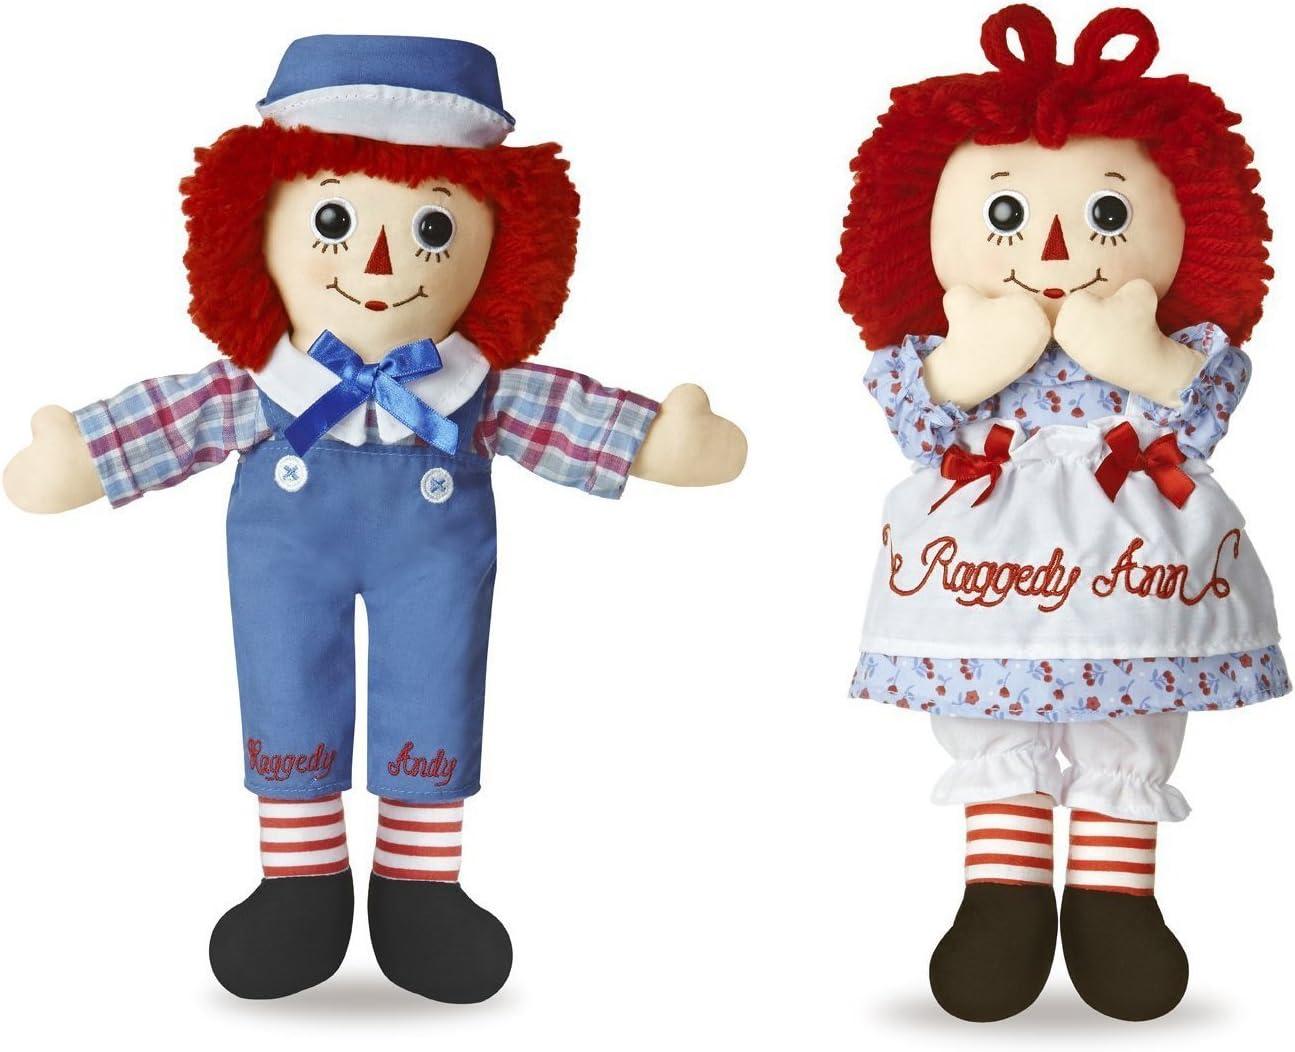 Aurora Bundle of 2 Dolls - 12'' Raggedy Ann & Raggedy Andy